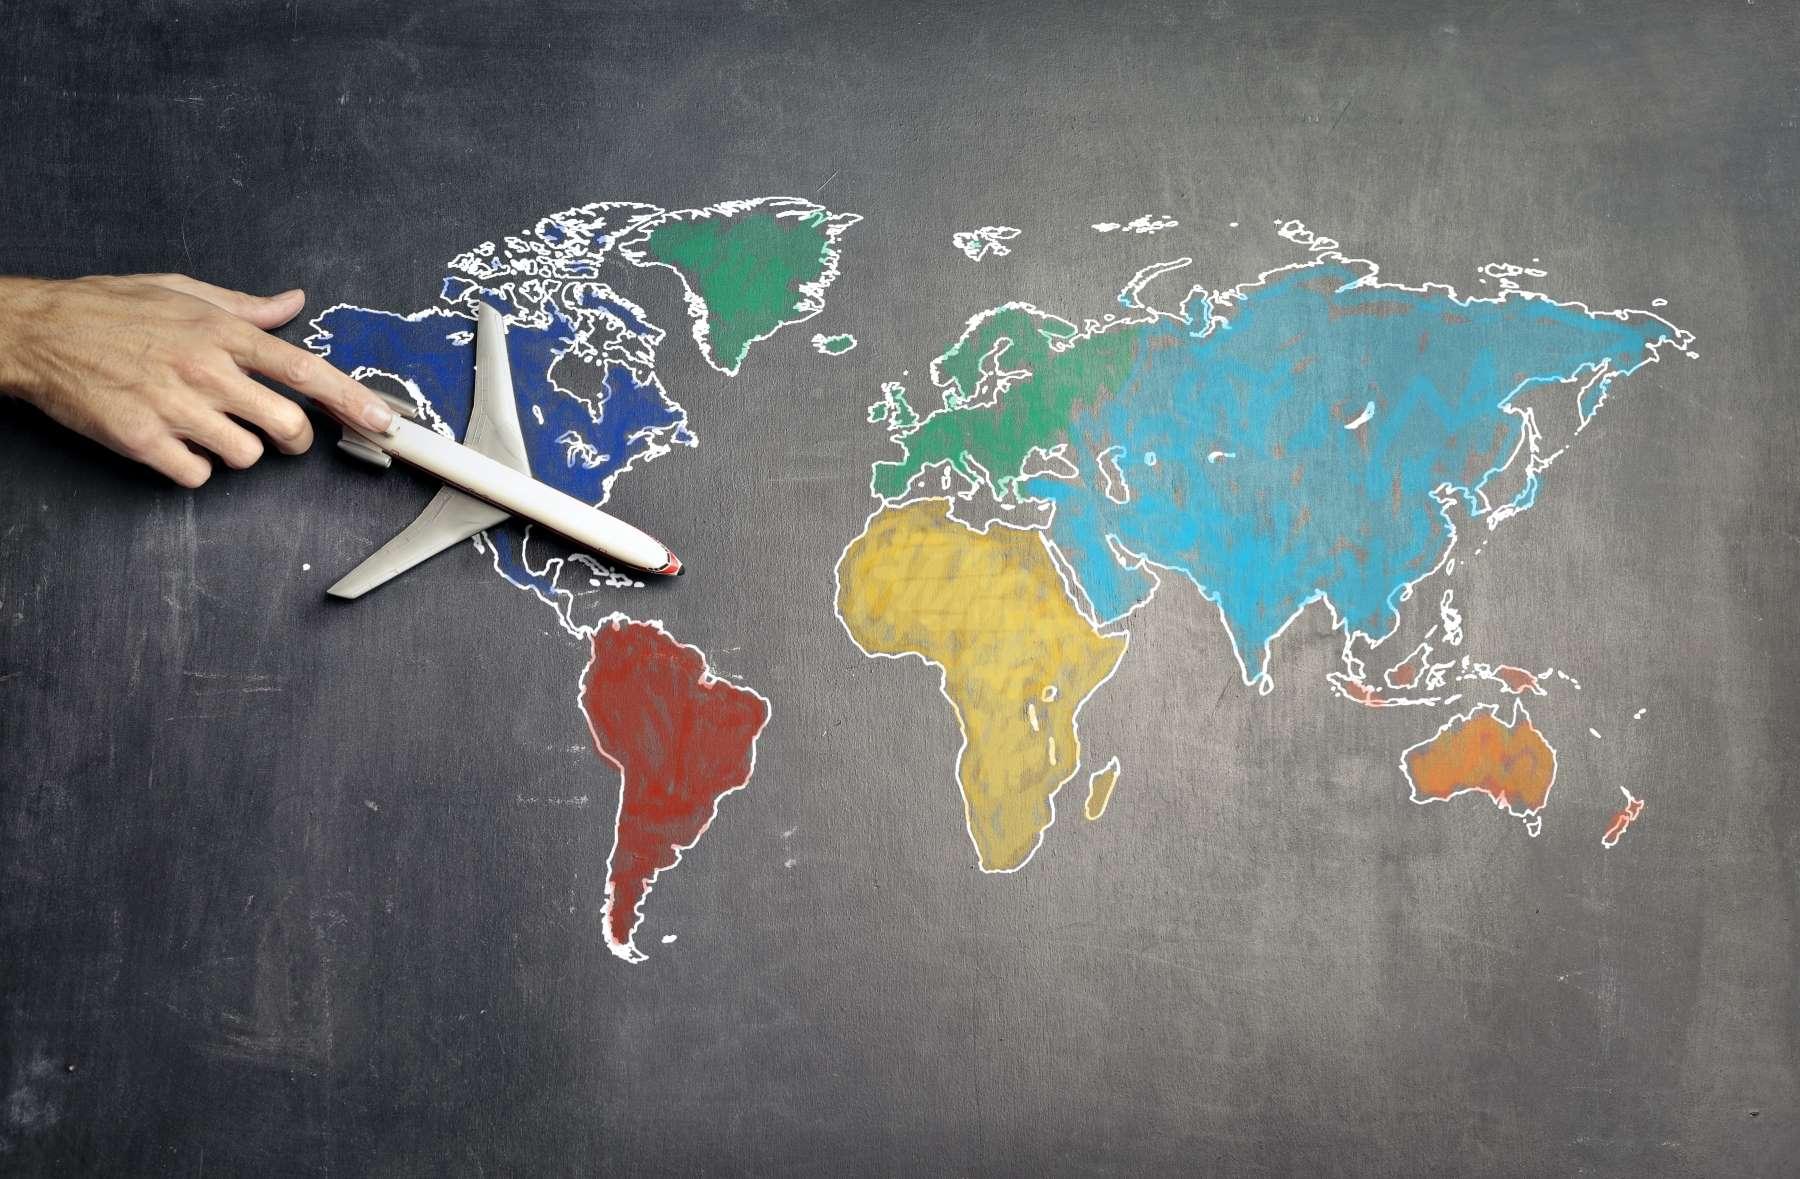 Støt Rejsebloggen - Rejs Dig Lykkelig